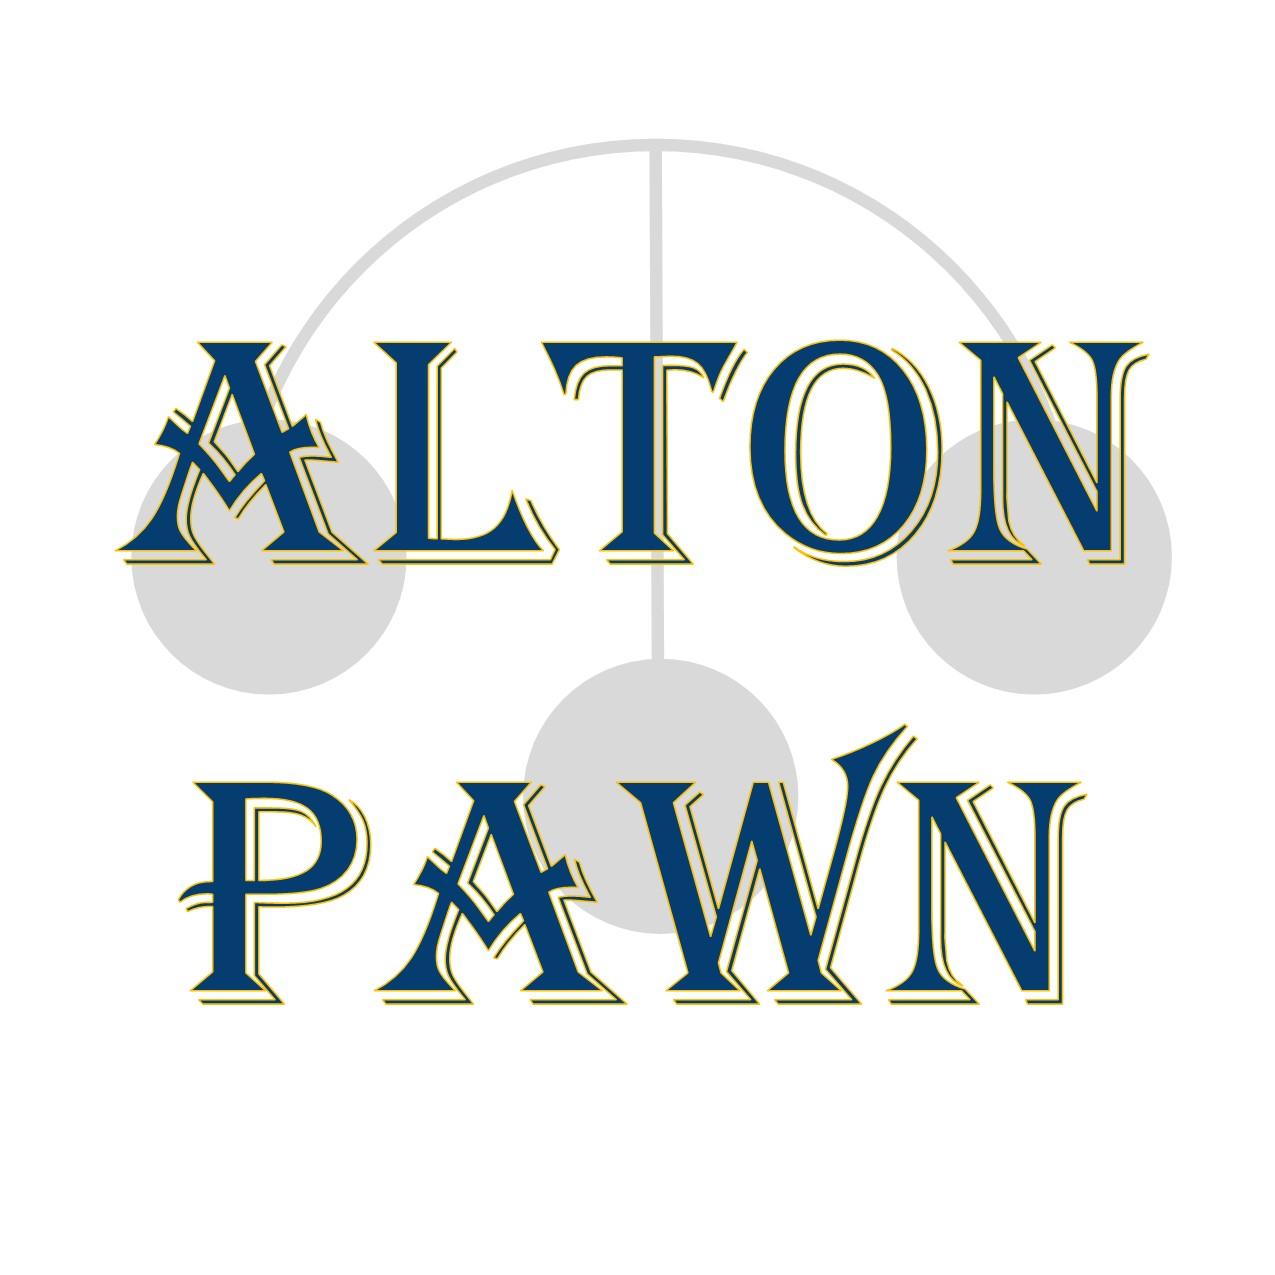 Alton Pawn